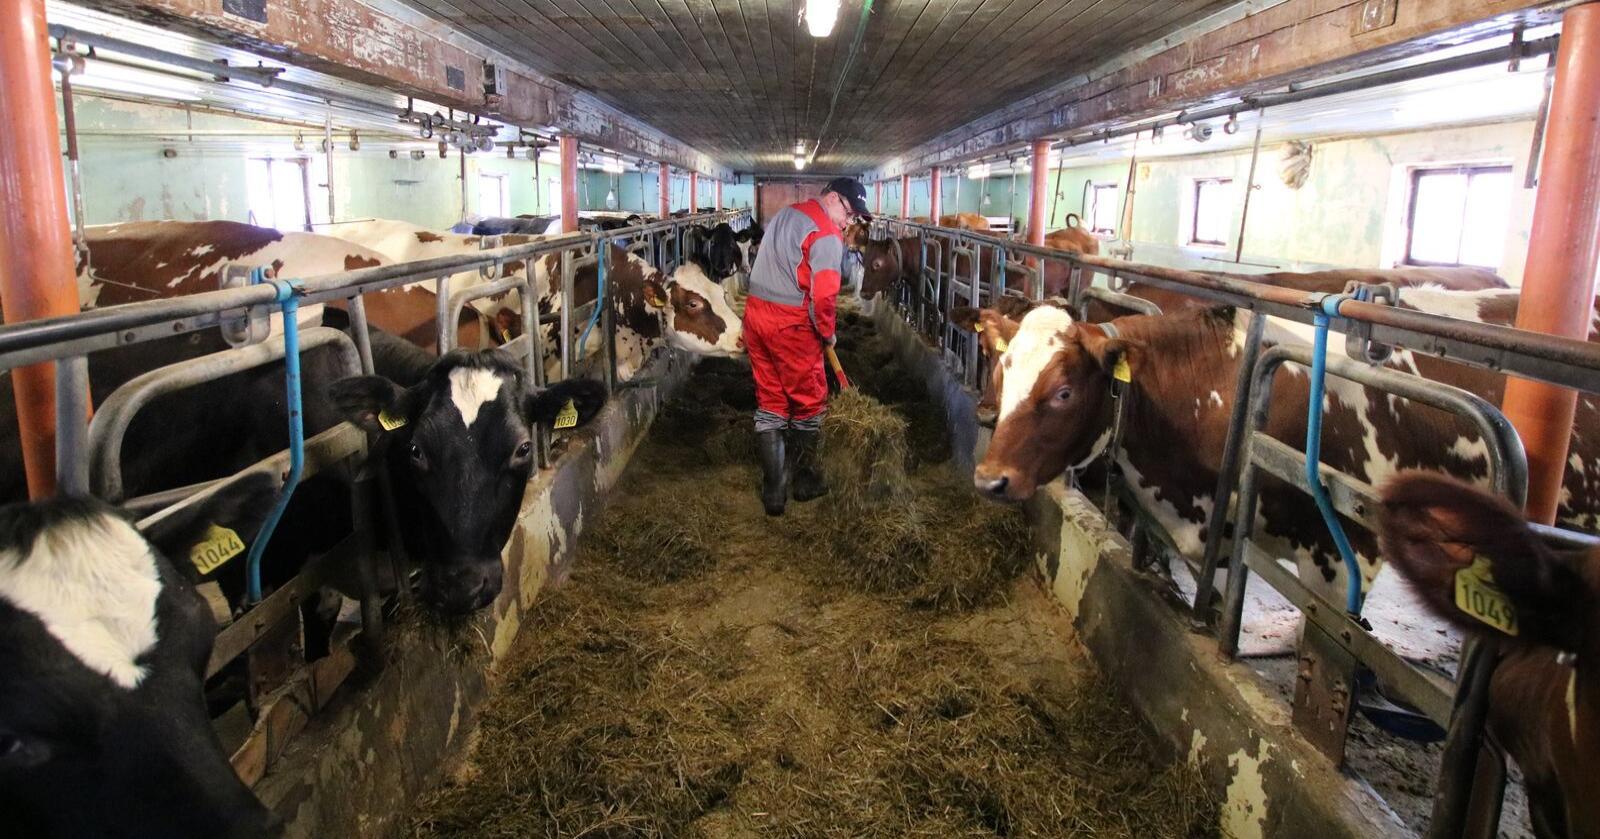 Viktige arbeidsplassar: Dersom landbruket vert attraktivt, kan det gje mange nye arbeidsplassar, skriv Kolbjørn  Gaustad. (Illustrasjonsfoto: Norsk Landbruk)